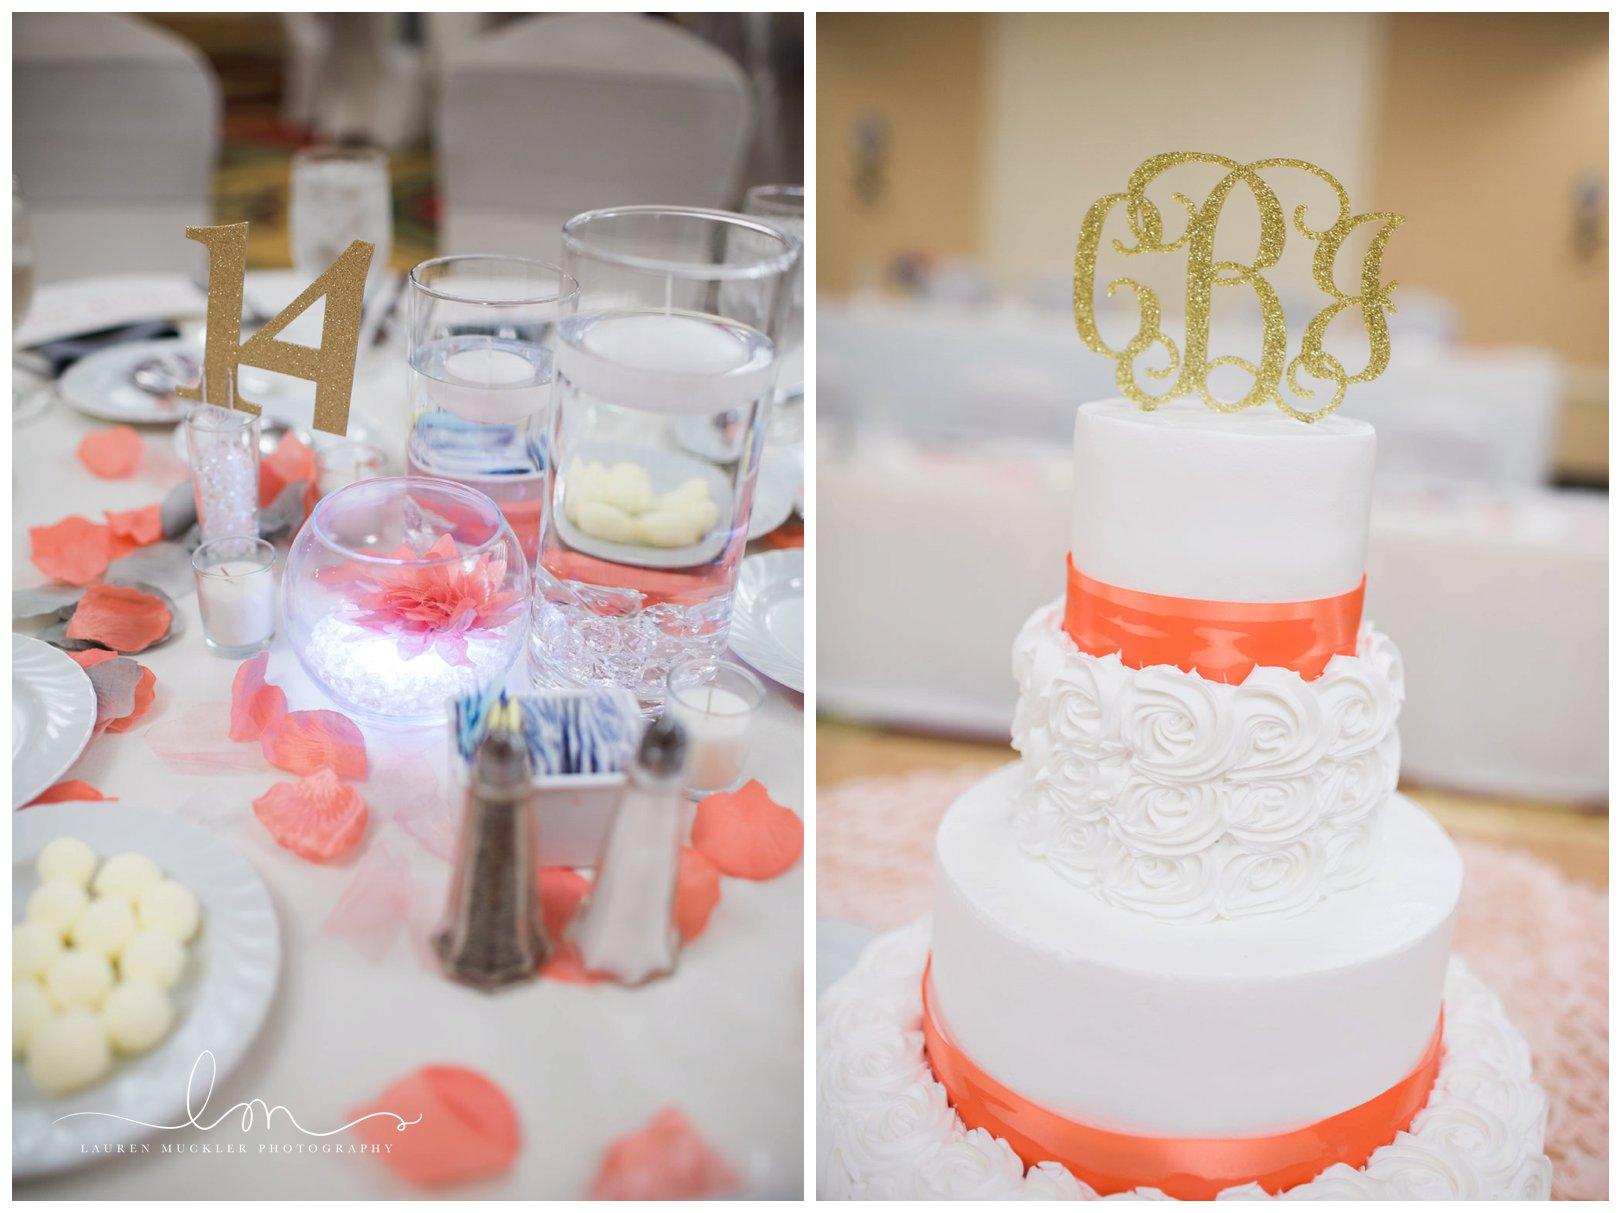 lauren muckler photography_fine art film wedding photography_st louis_photography_0022.jpg